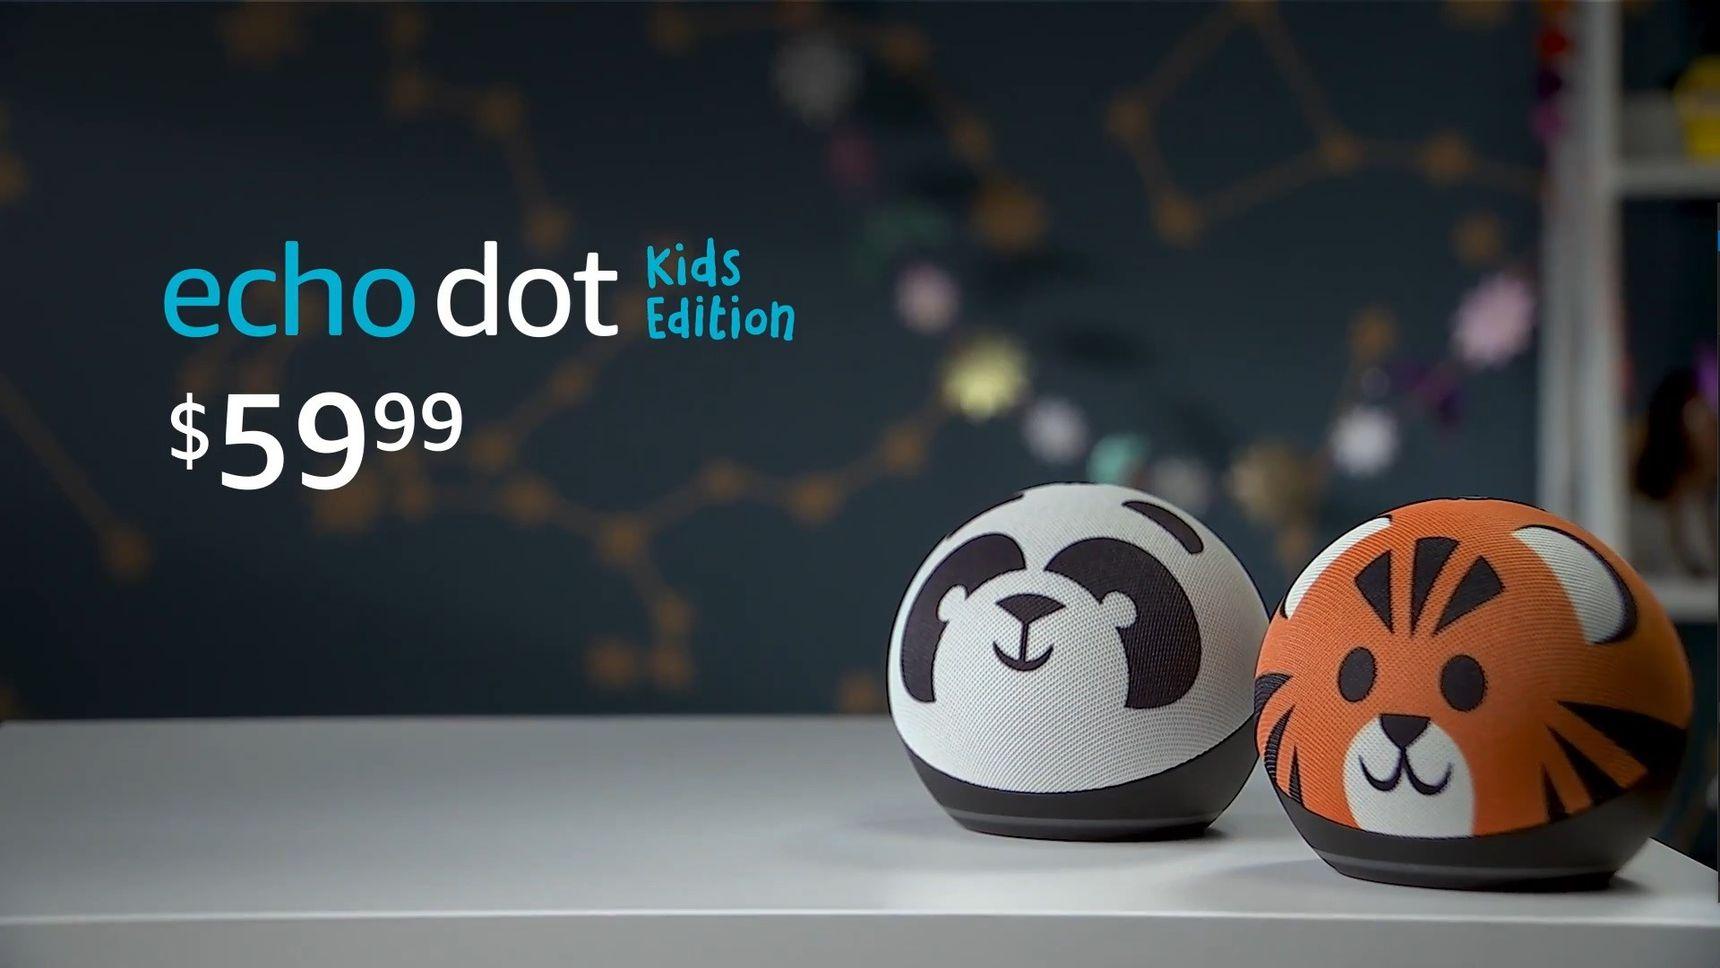 亚马逊带来球型 Echo Dot 智能音箱,还有可爱的儿童版